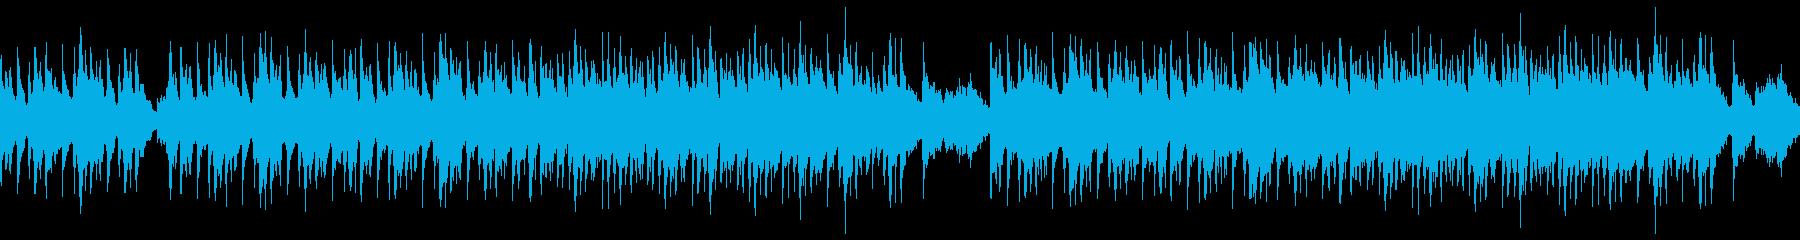 砂漠を駆け巡る冒険(民族音楽系)の再生済みの波形